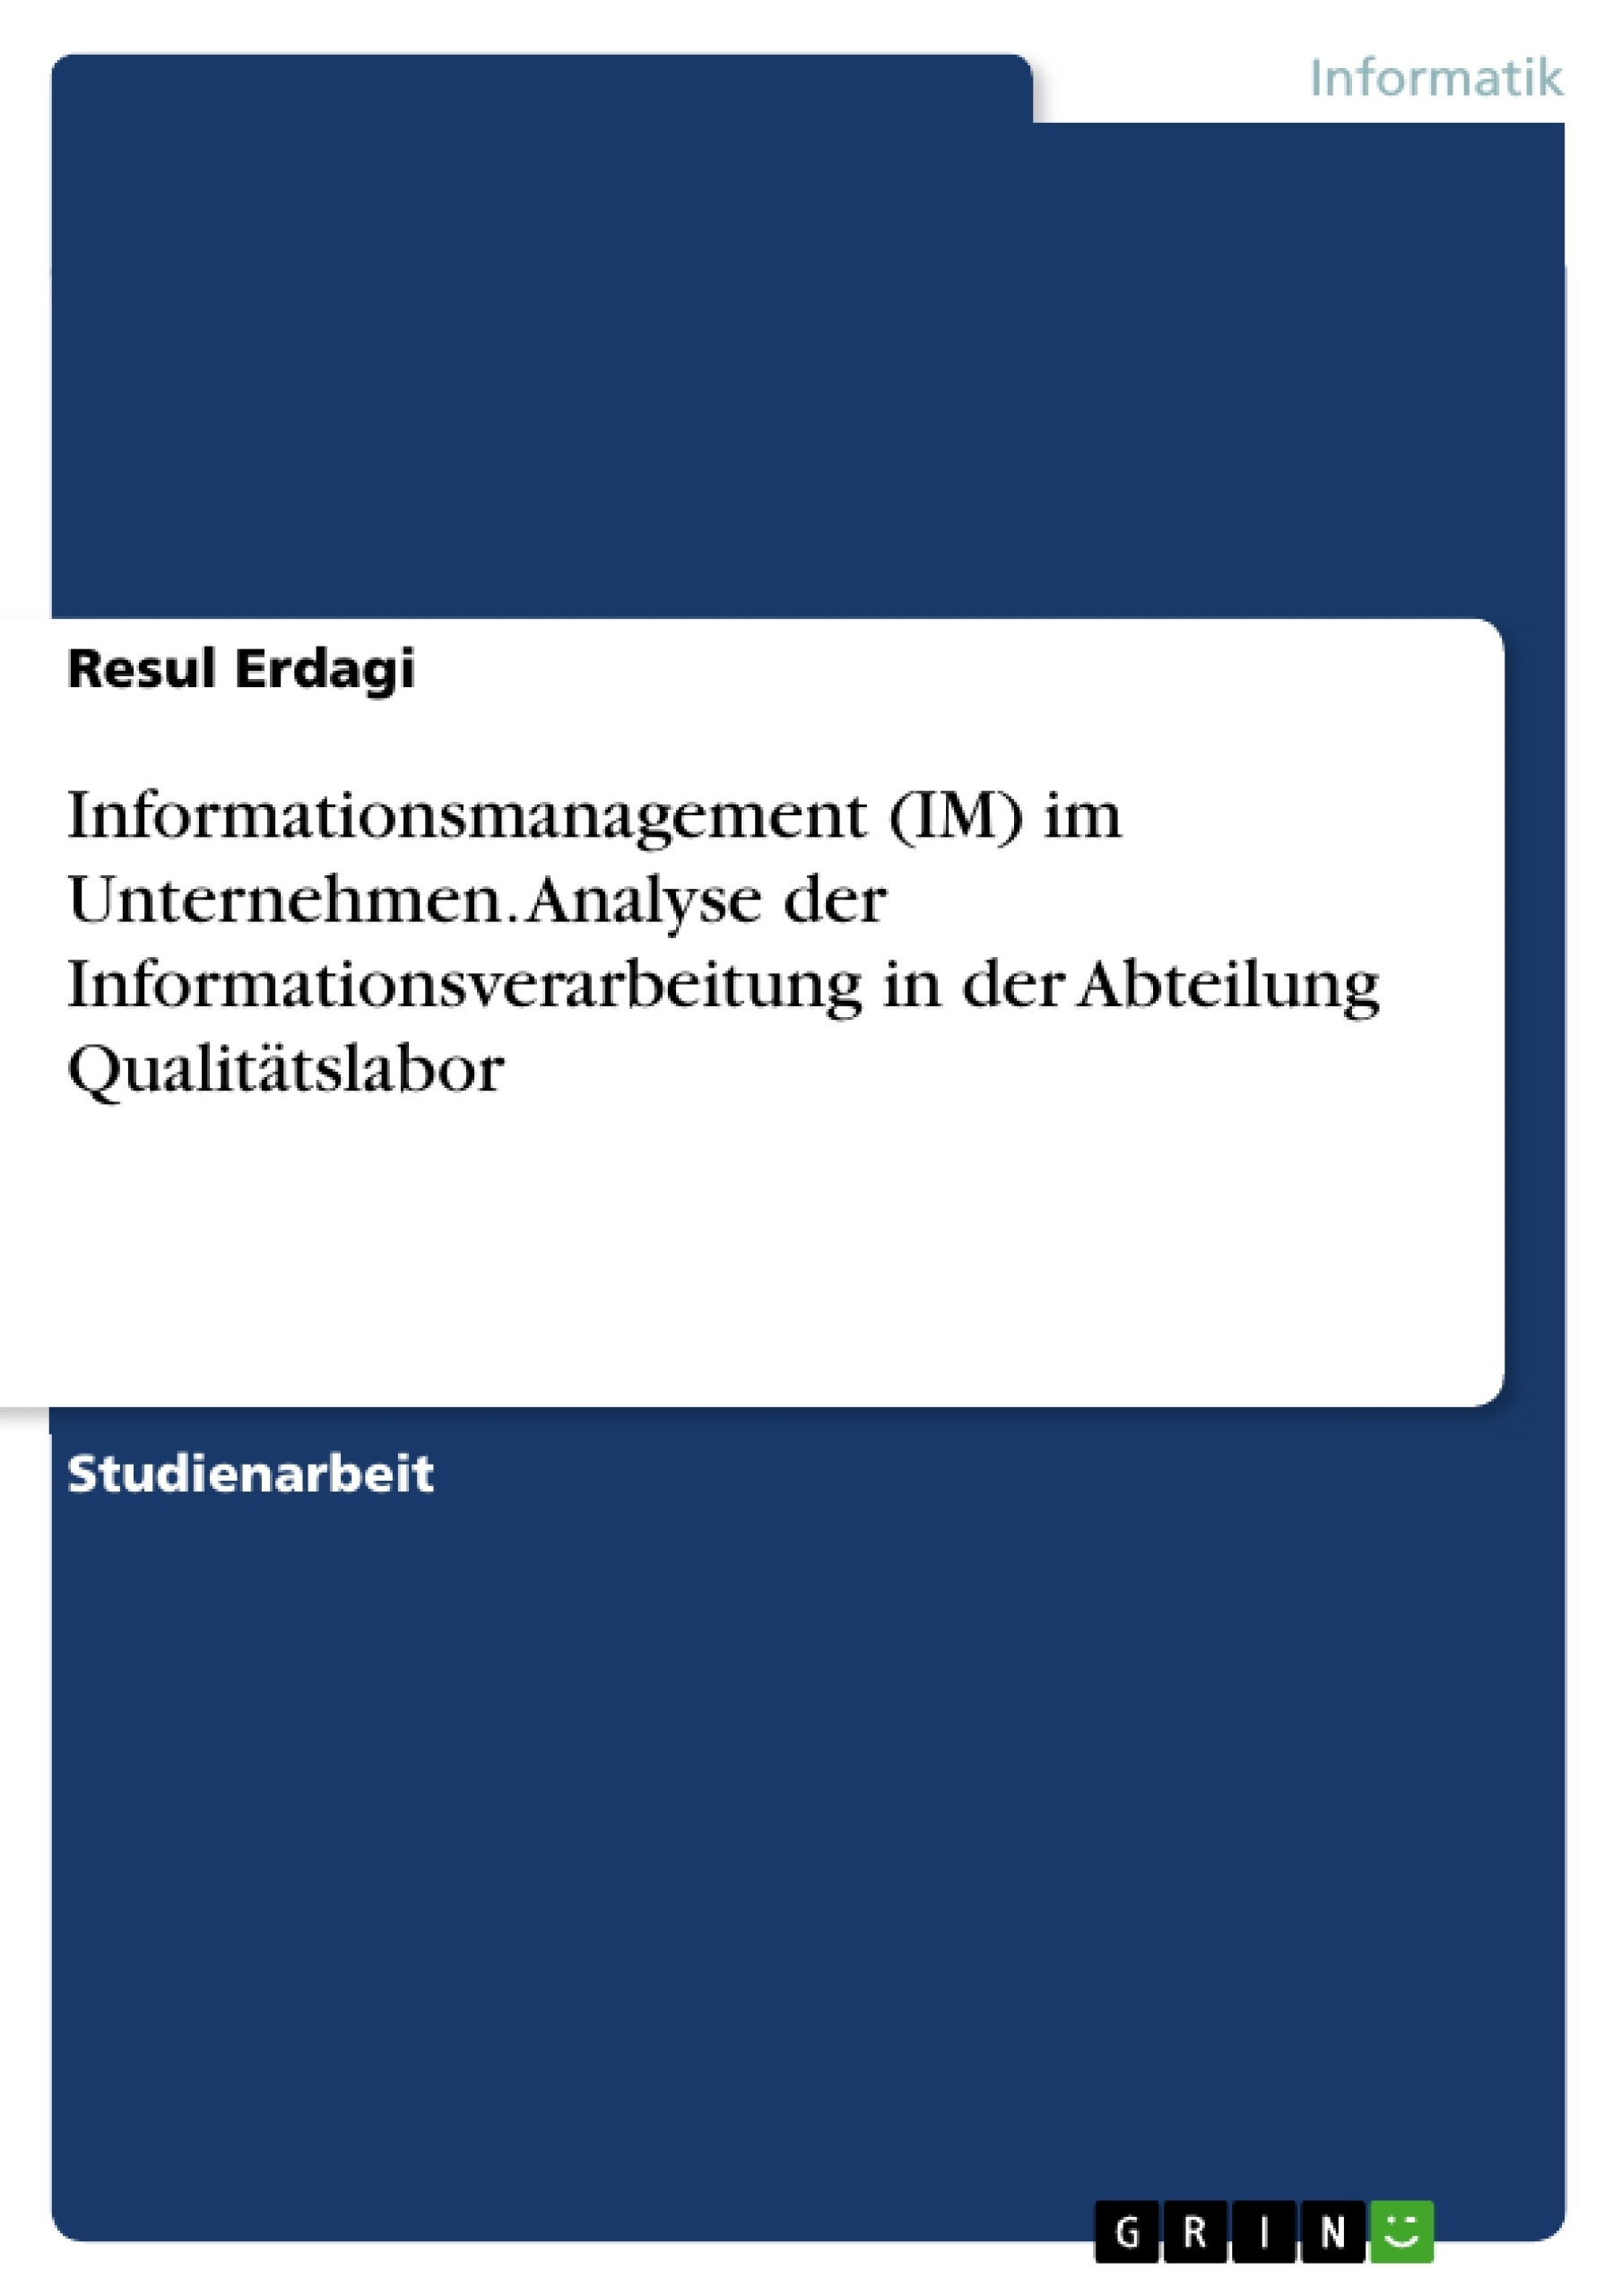 Titel: Informationsmanagement (IM) im Unternehmen. Analyse der Informationsverarbeitung in der Abteilung Qualitätslabor